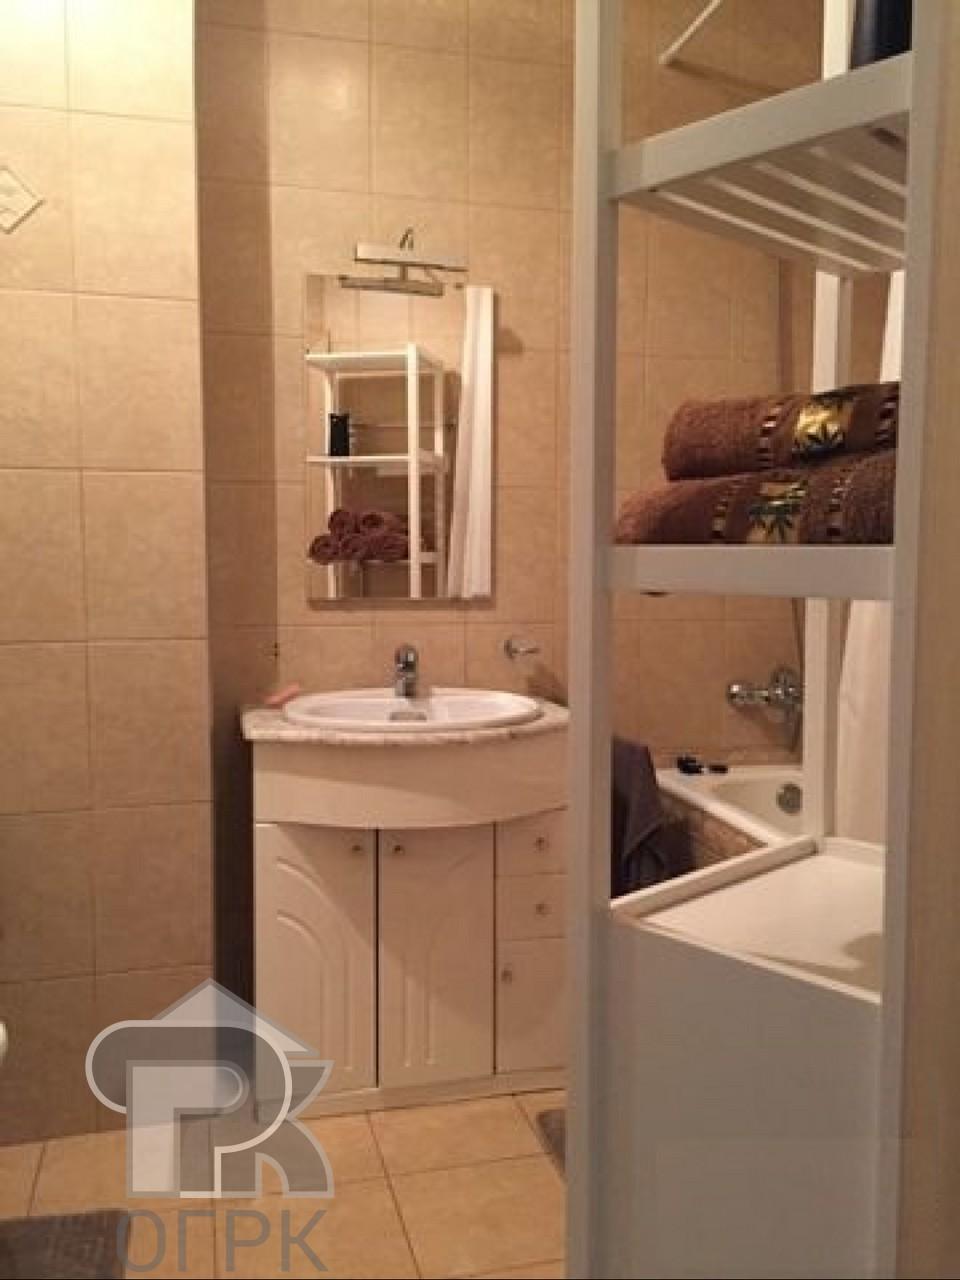 Купить 2-комнатную квартиру, город Москва, Москва, Кутузовский пр-т, д.22, №327499